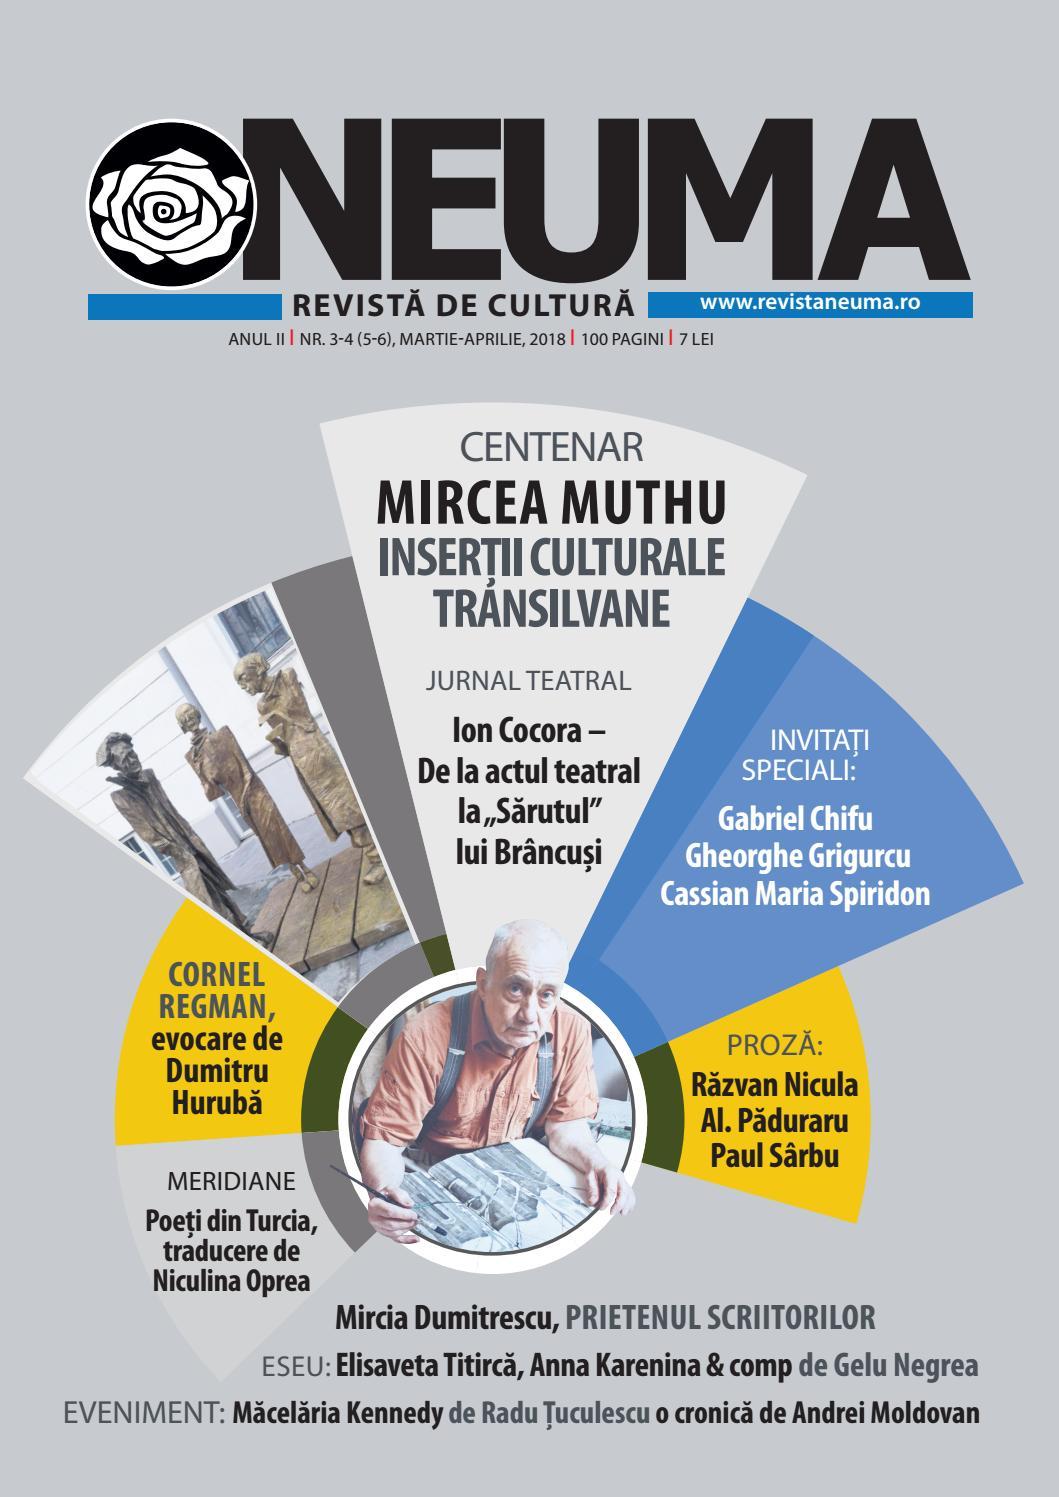 Revista Neuma Nr 3 4 2018 By Revista Neuma Issuu